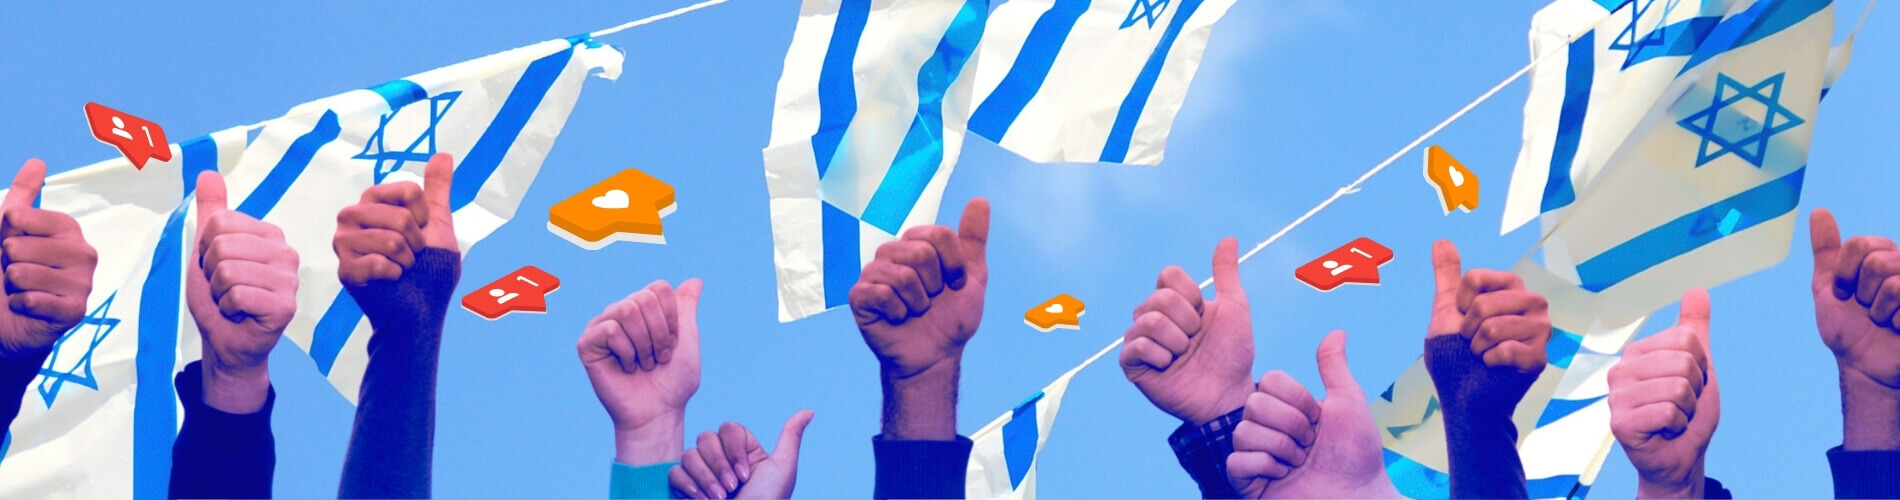 עוקבים ישראלים אמיתיים באינסטגרם דיגיטל בוסט DigitalBoost